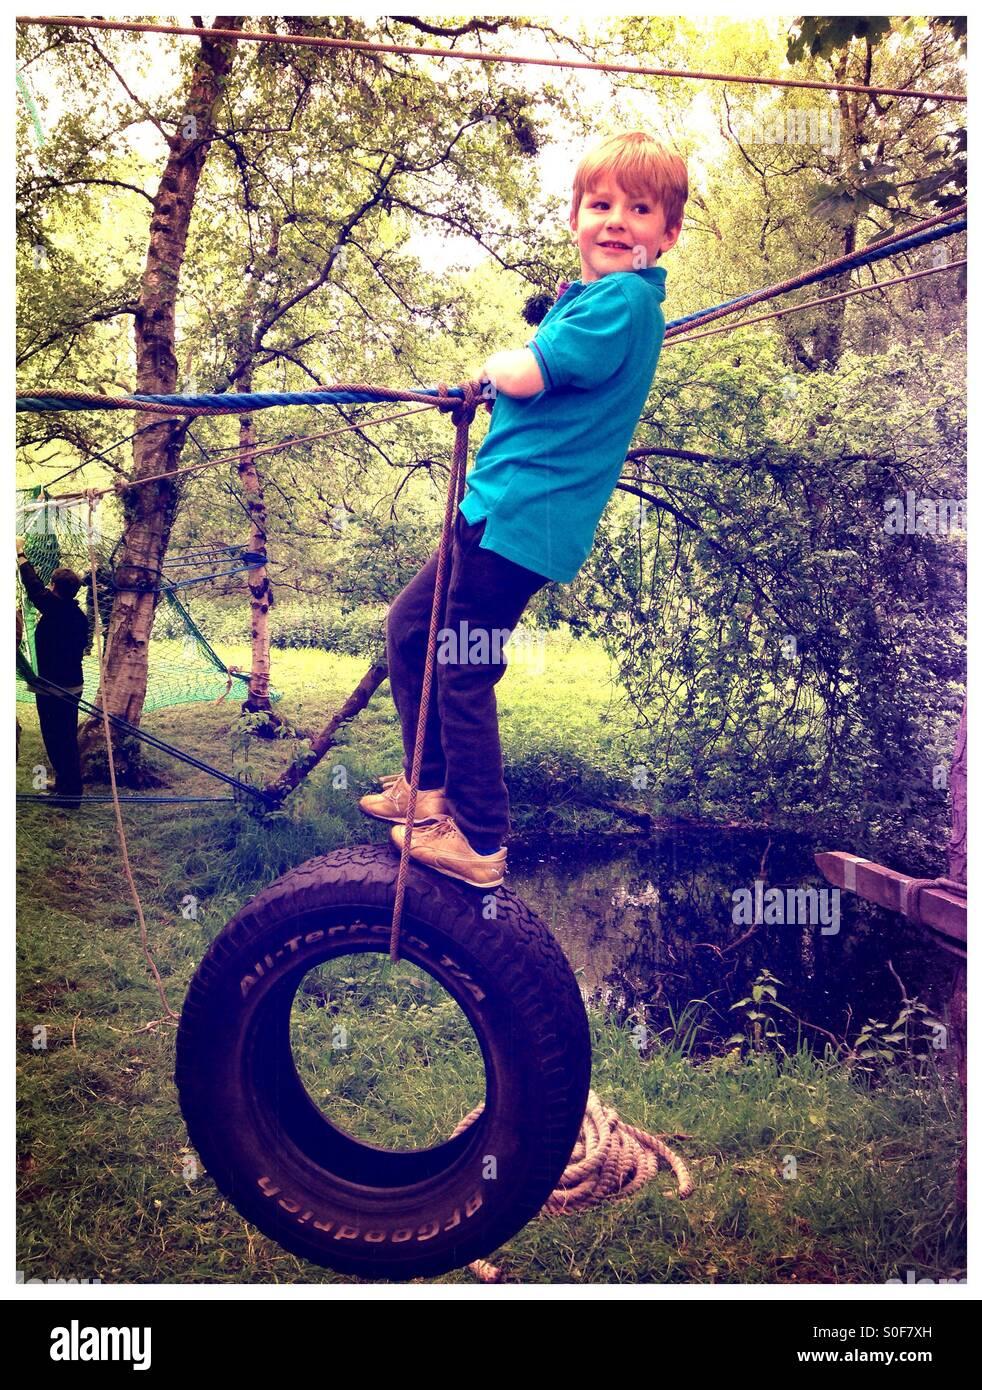 Boy swinging sur une corde et tire. Cours d'aventure. Parcours du combattant. Jeux forestiers Photo Stock